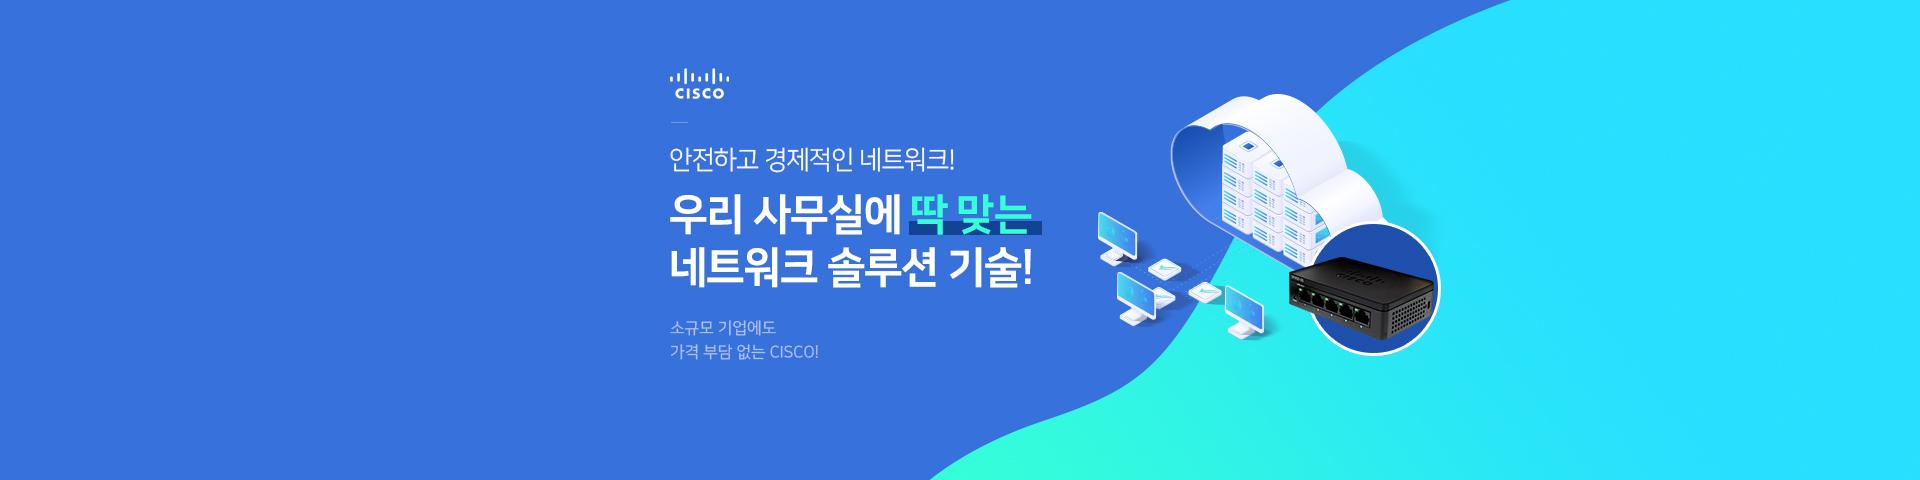 [CISCO] 스위칭허브 모음 기획전